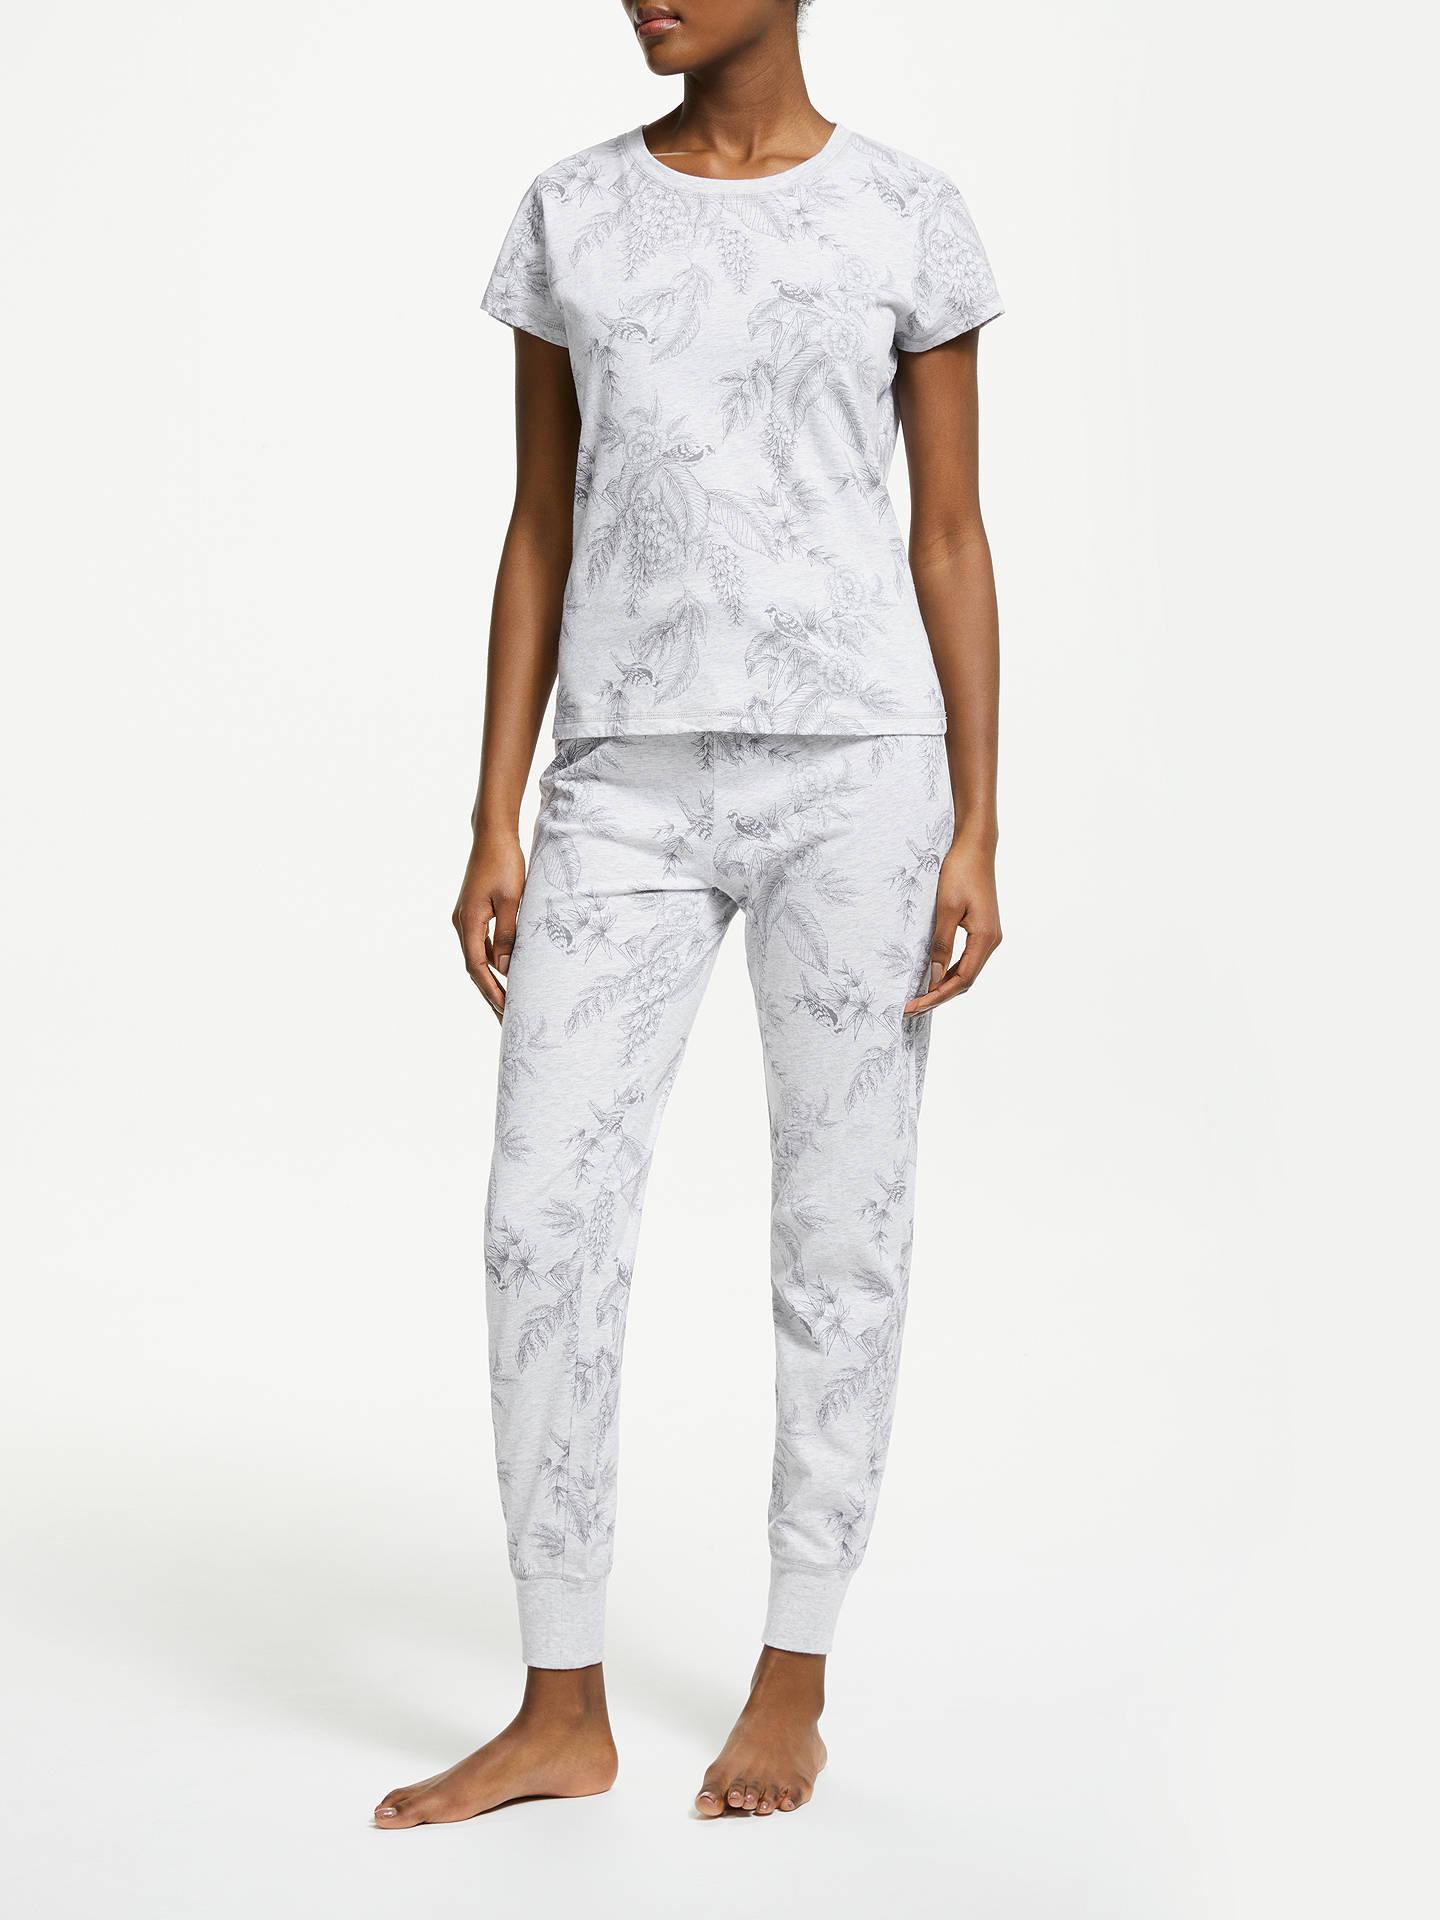 BuyJohn Lewis   Partners Adina Floral Print Cotton Pyjama Set 5065943f4